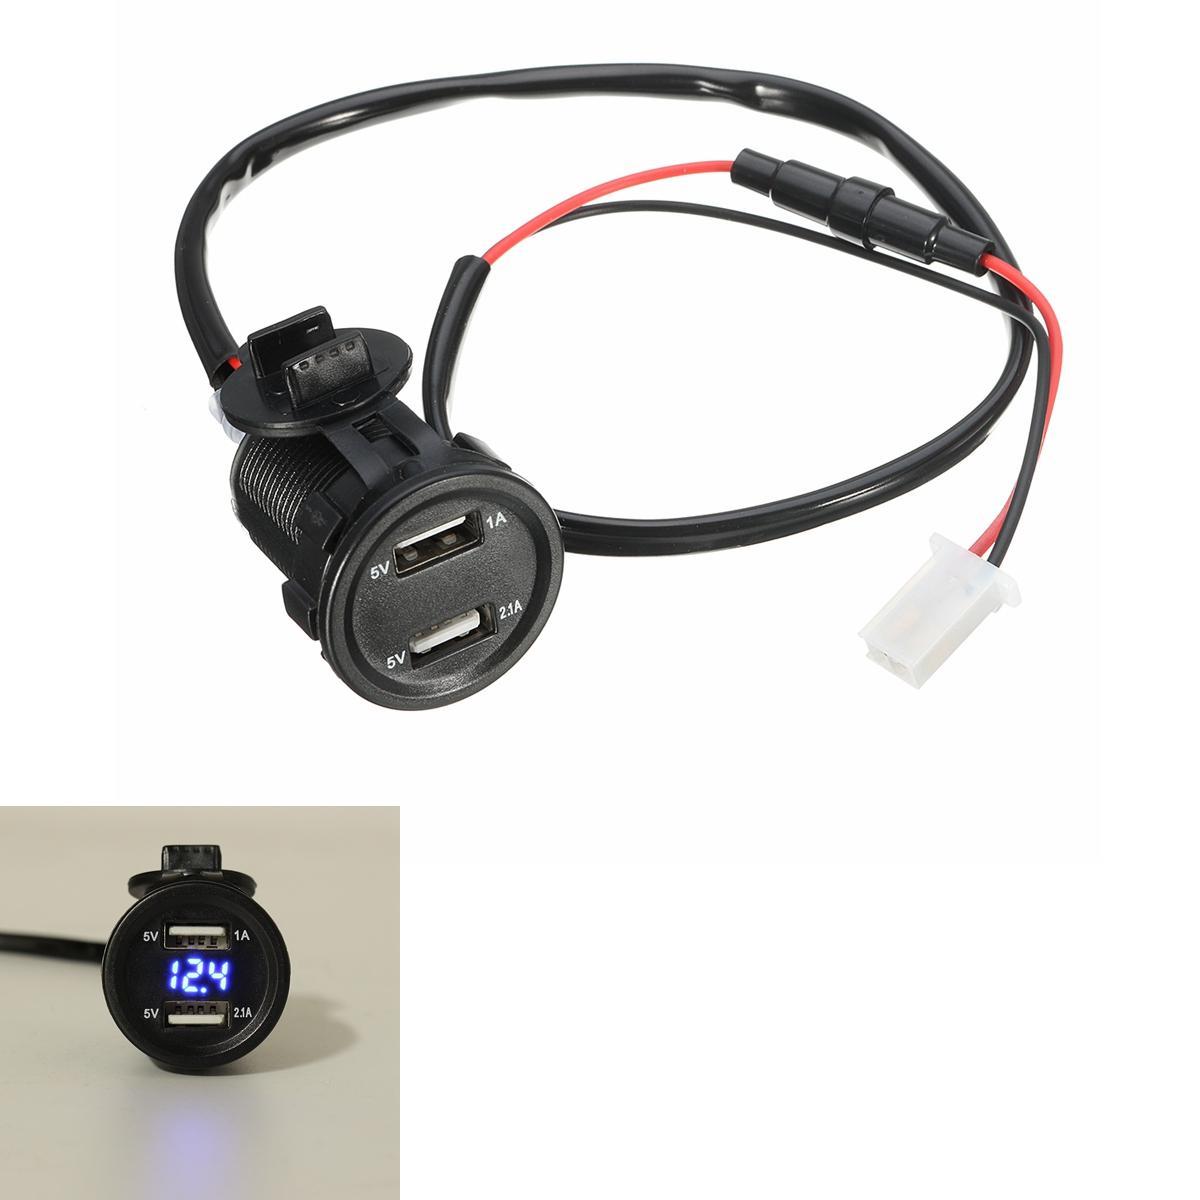 12V 2.1A 1A Dual Usb Charger Socket Voltage Volt Meter Led Light For Car Motorcycle COD